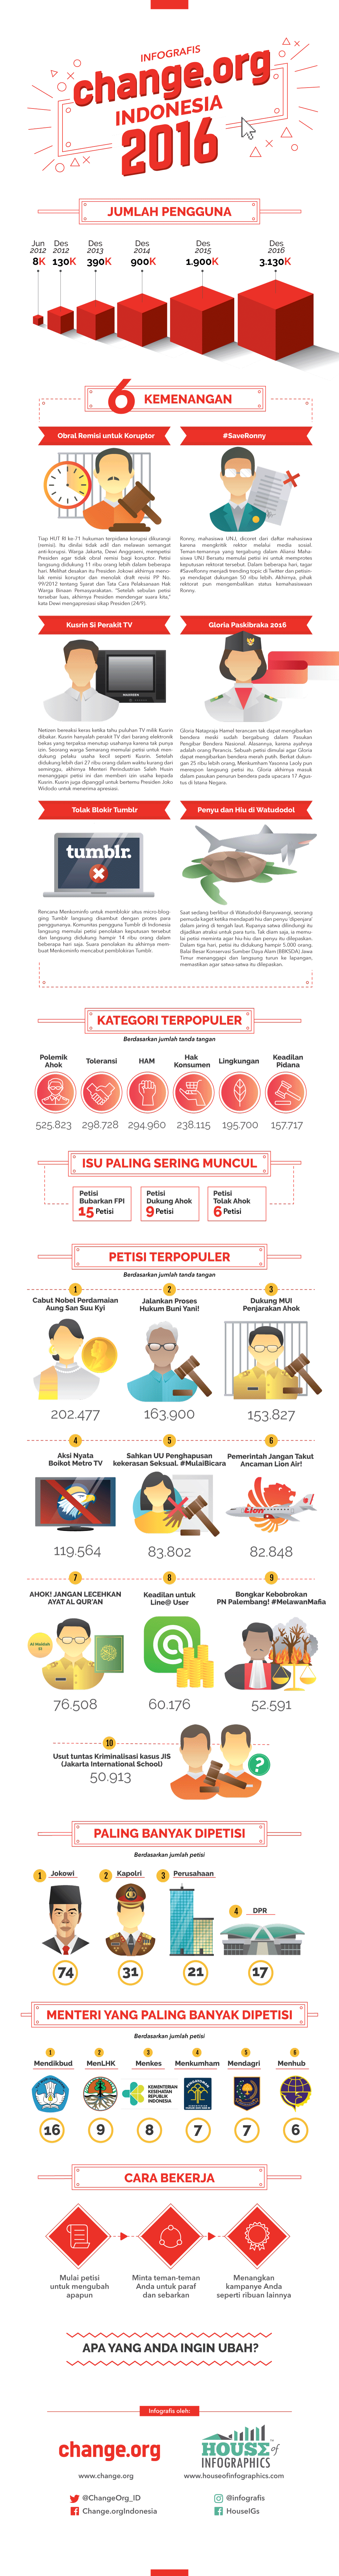 infografis change.org 2016